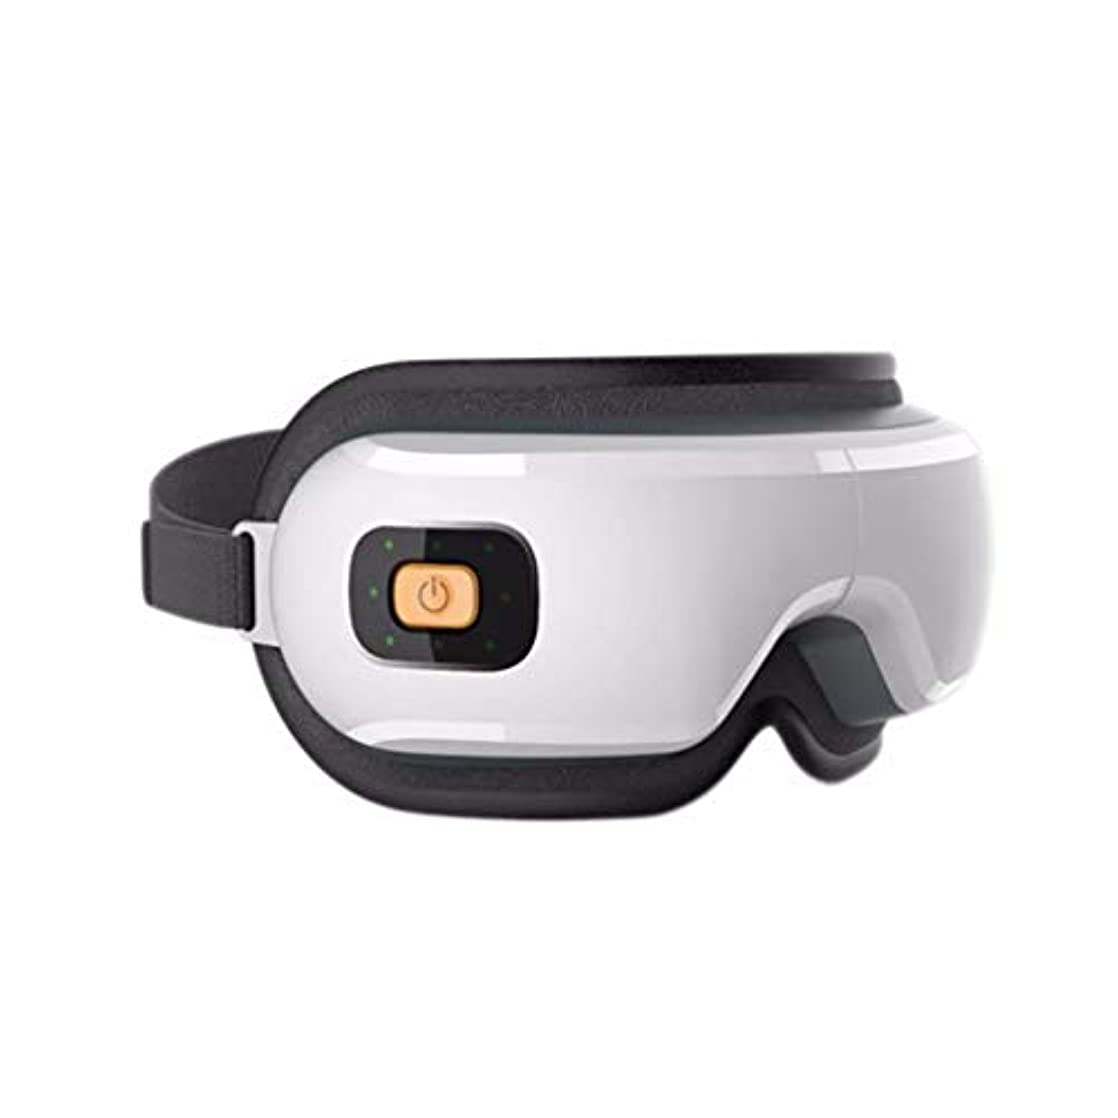 職業注目すべき心配アイマッサージャー、電動ポータブルアイマッサージツール、USB充電、スマートアイケア、加熱/振動/音楽/リラックス、アイバッグとダークサークルの緩和、目の疲労 (Color : 白)